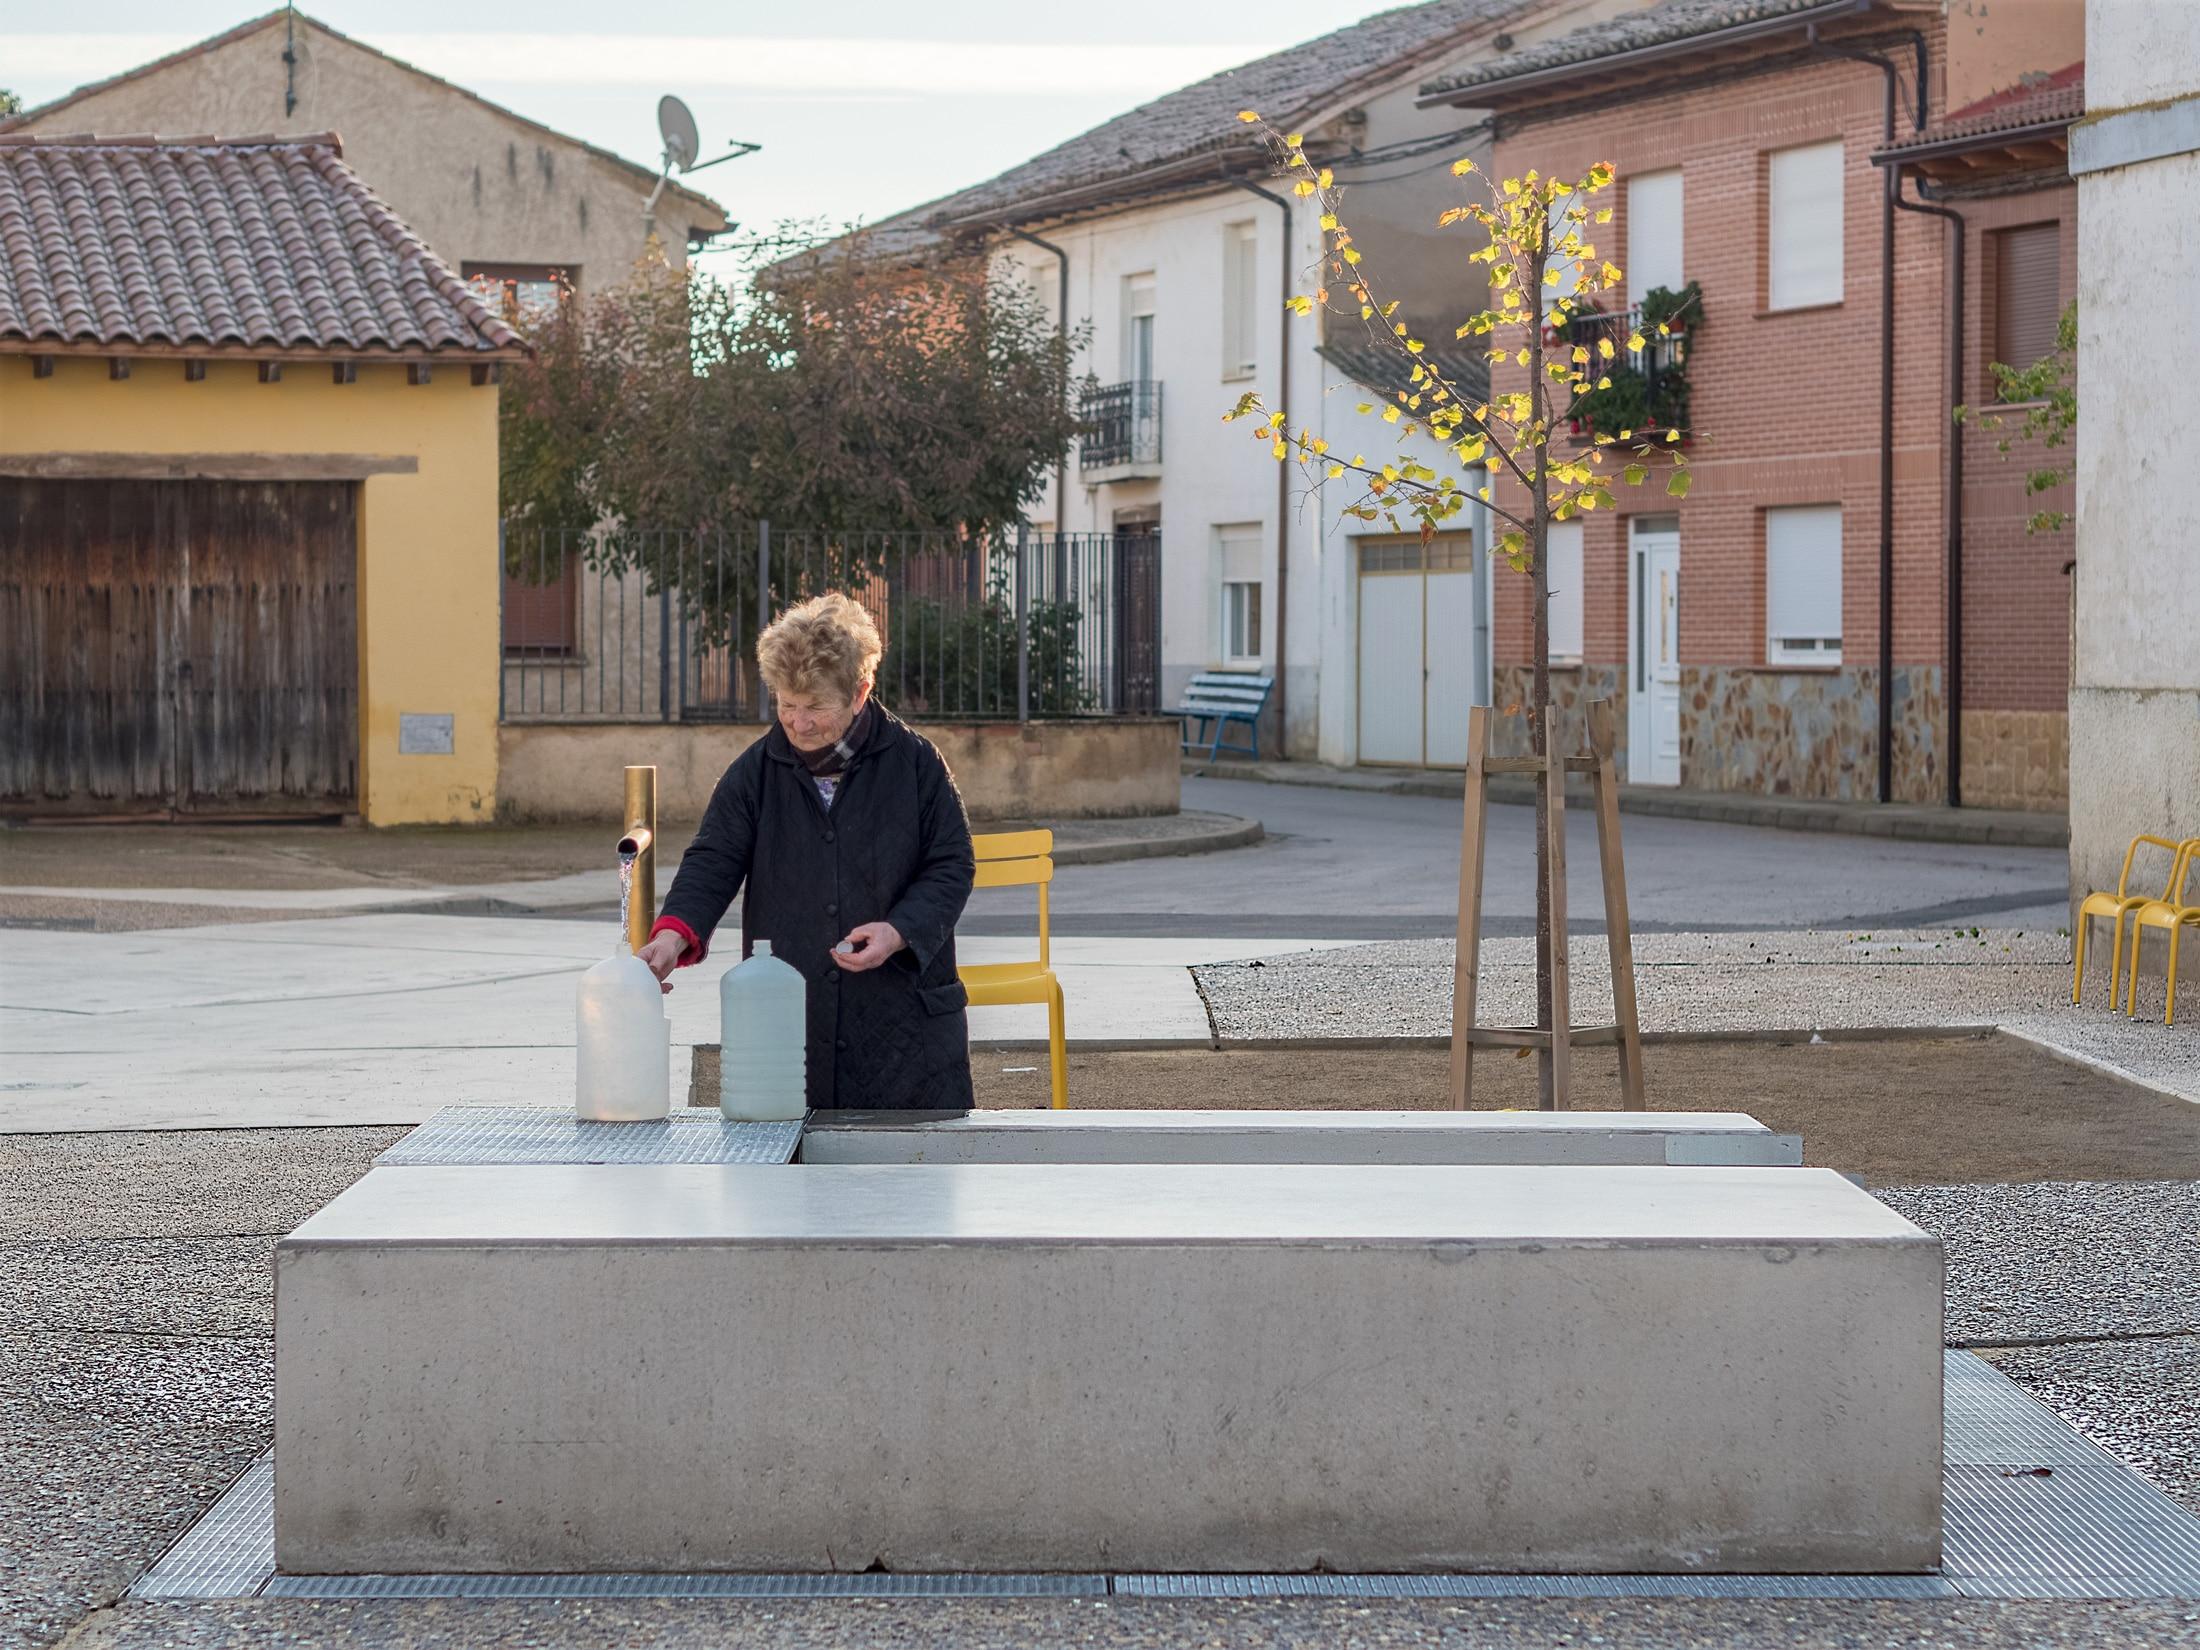 Plaza Mansilla – Recogiendo agua fuente artesiana